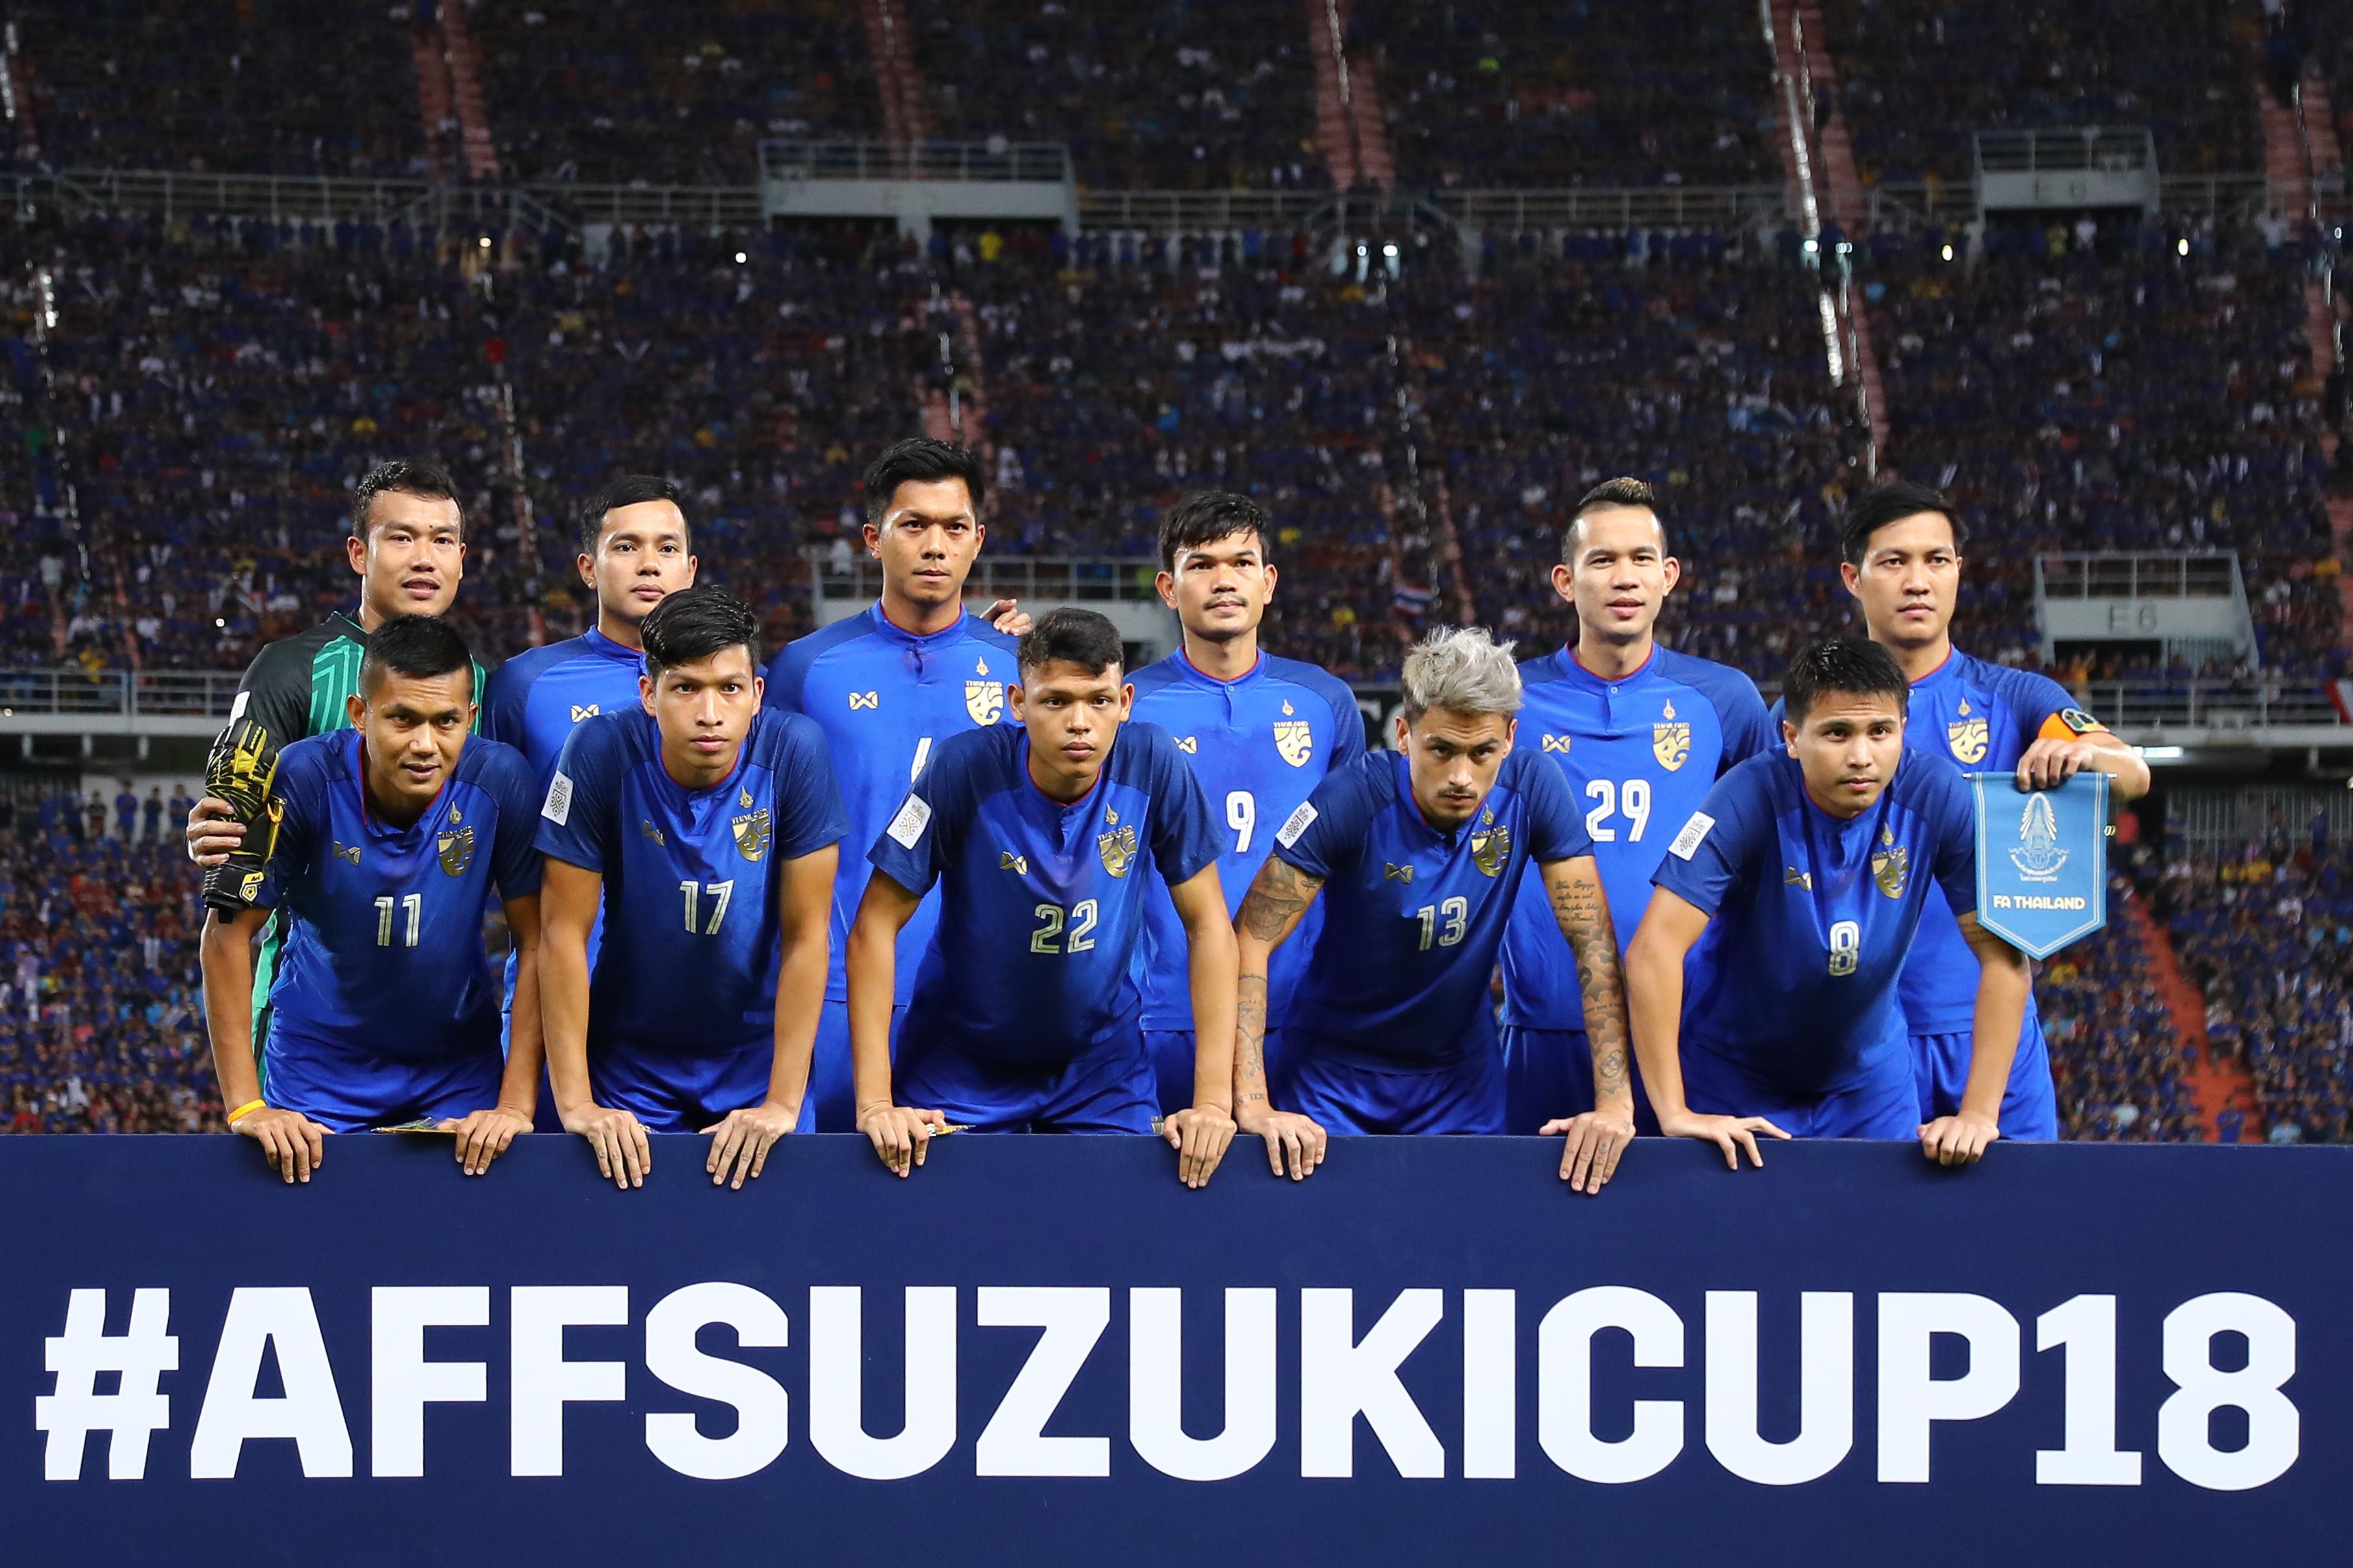 ทีมชาติไทย - AFF Suzuki Cup 2018